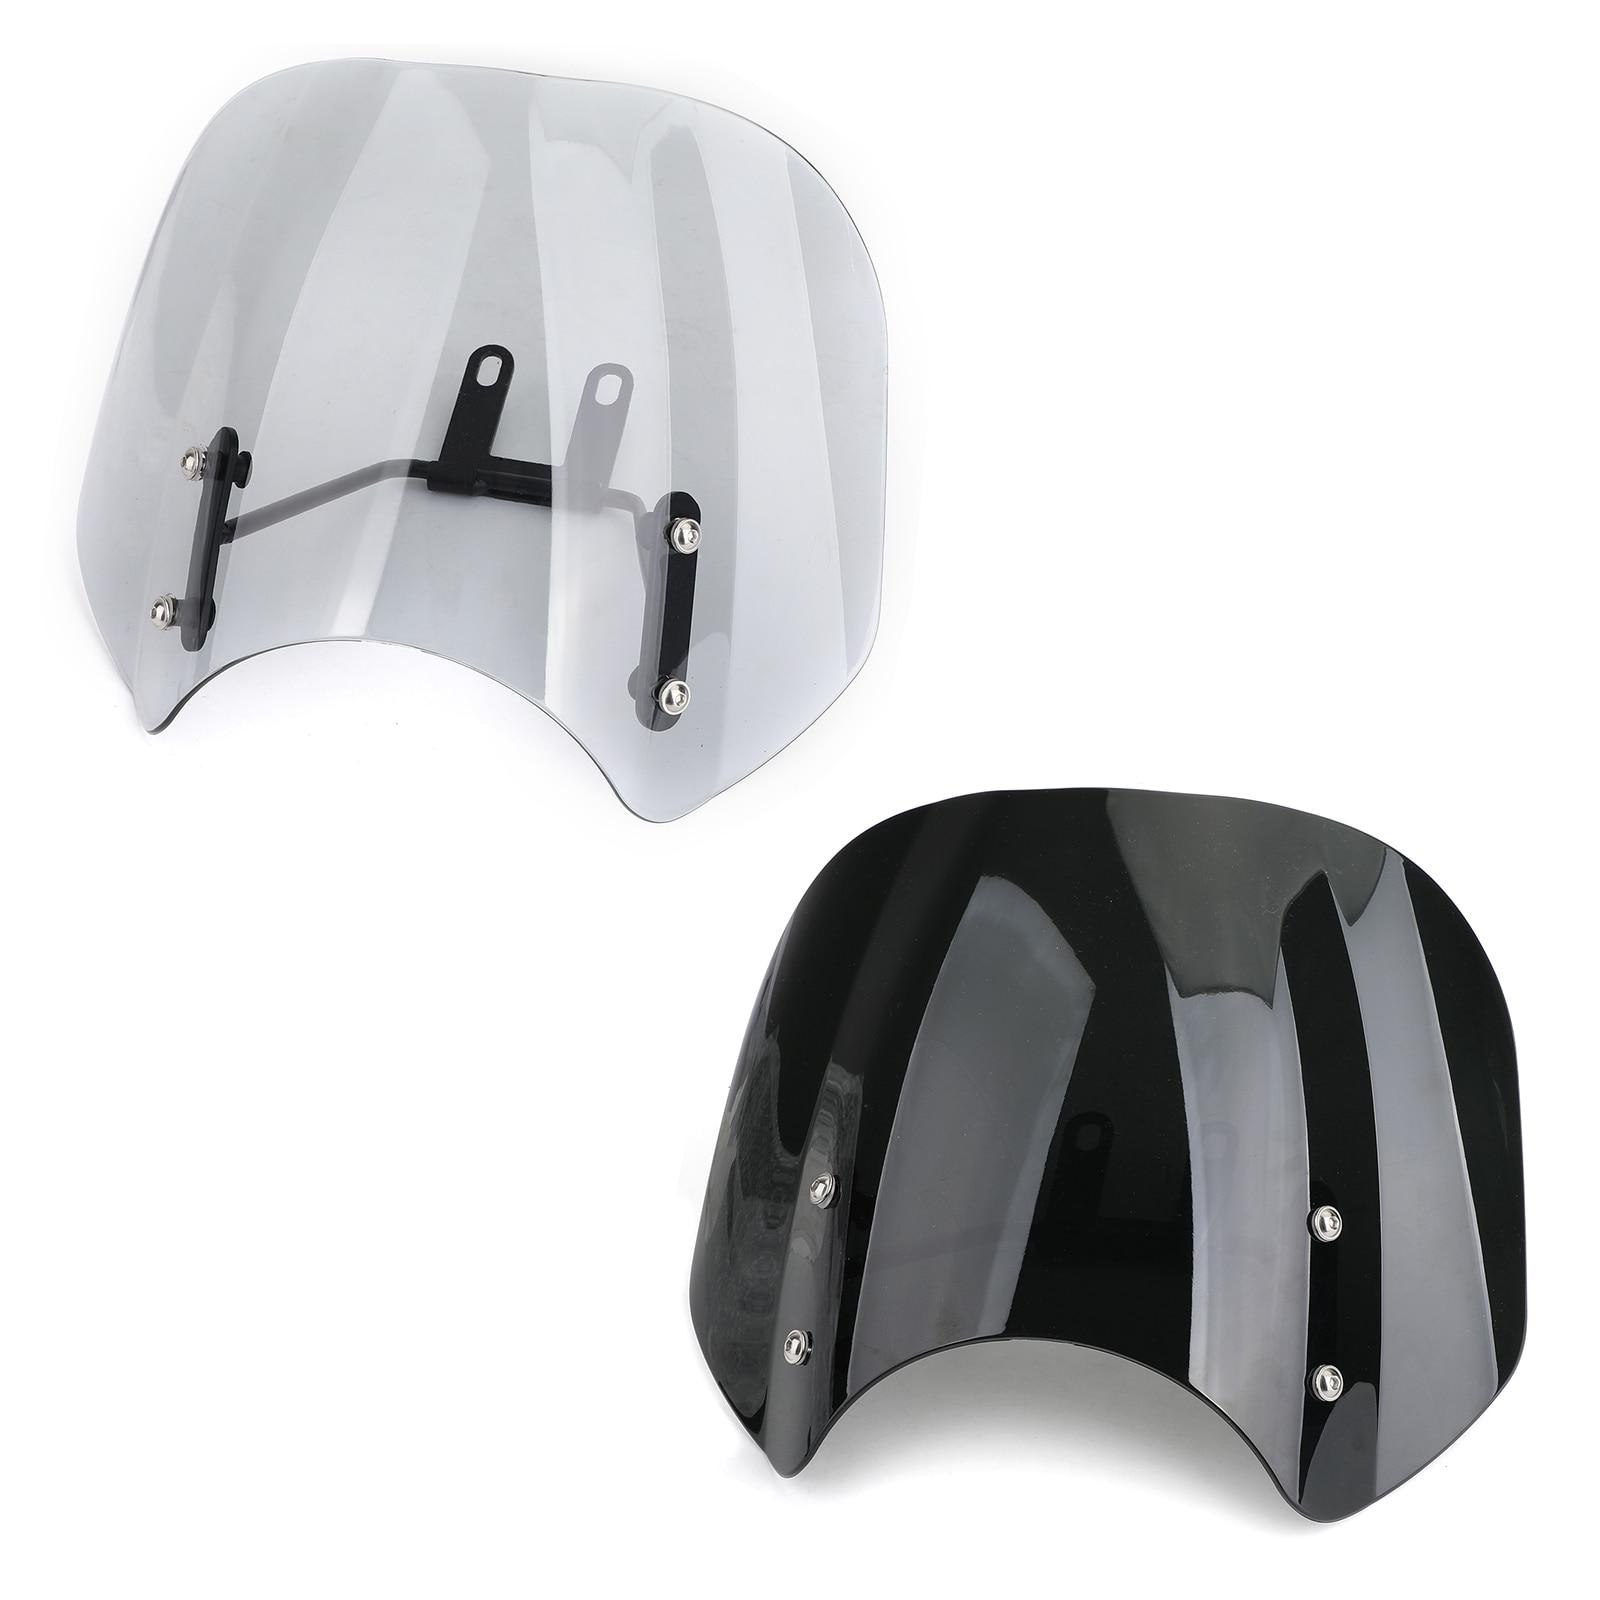 Areyourshop For Honda CMX500 Rebel CMX 500 Rebel500 2018-2019 Motorcycle Windshield Windscreen With Bracket Accessories